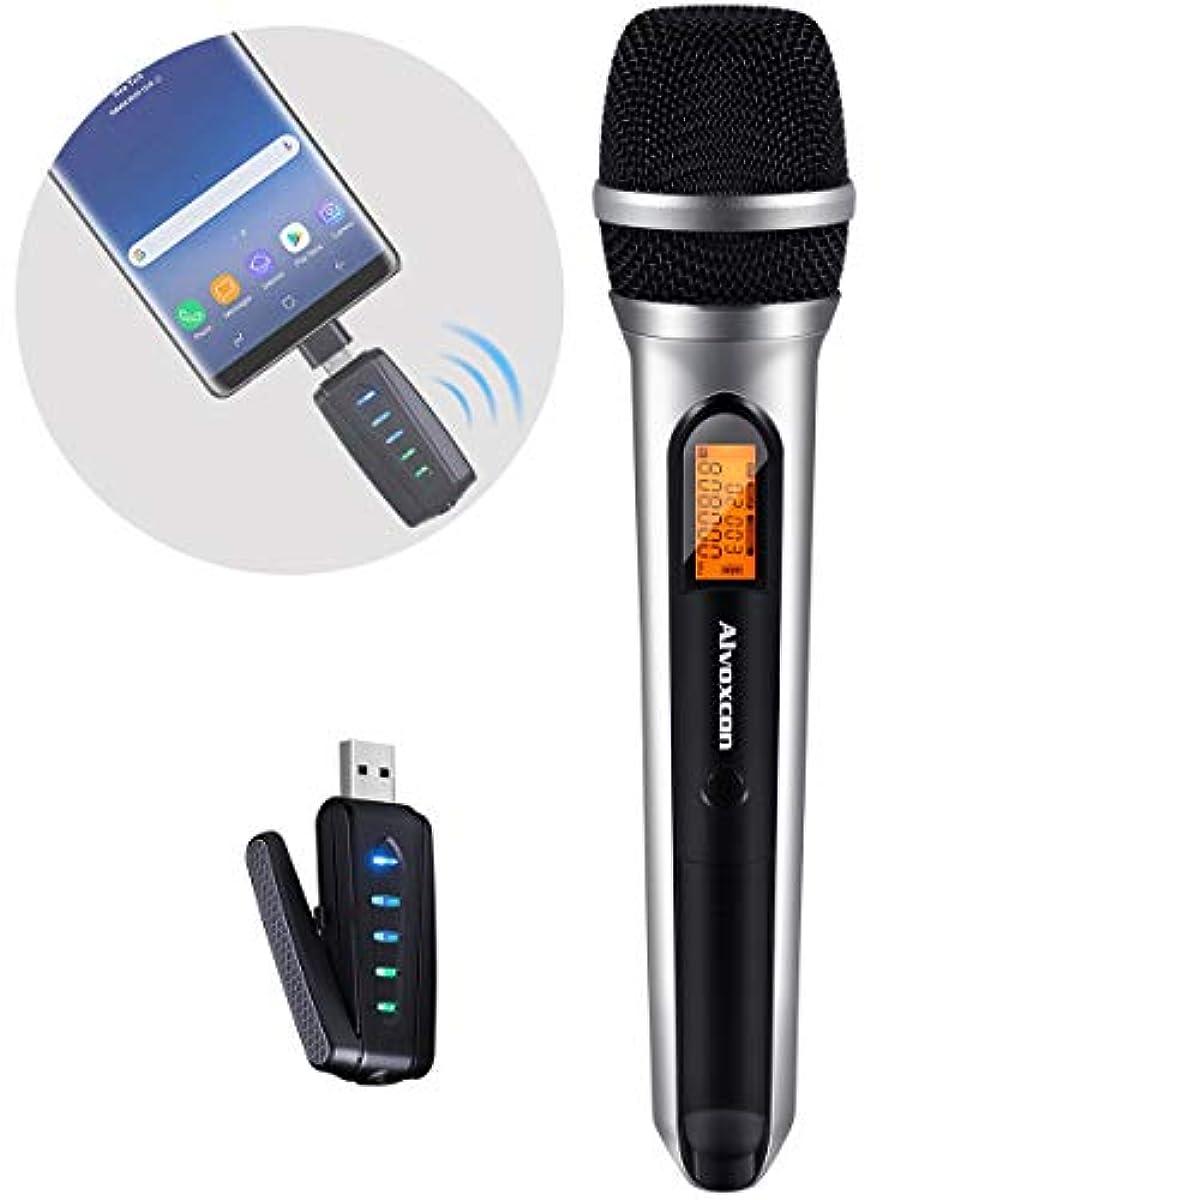 [해외] USB무선 마이크,ALVOXCON UHF 손에 쥐는 무선 마이크 세트 PC (MAC/WINDOWS)고, ANDROID 폰,노트 PC,동영상 촬영,녹음 등의 씬(SHEEN)